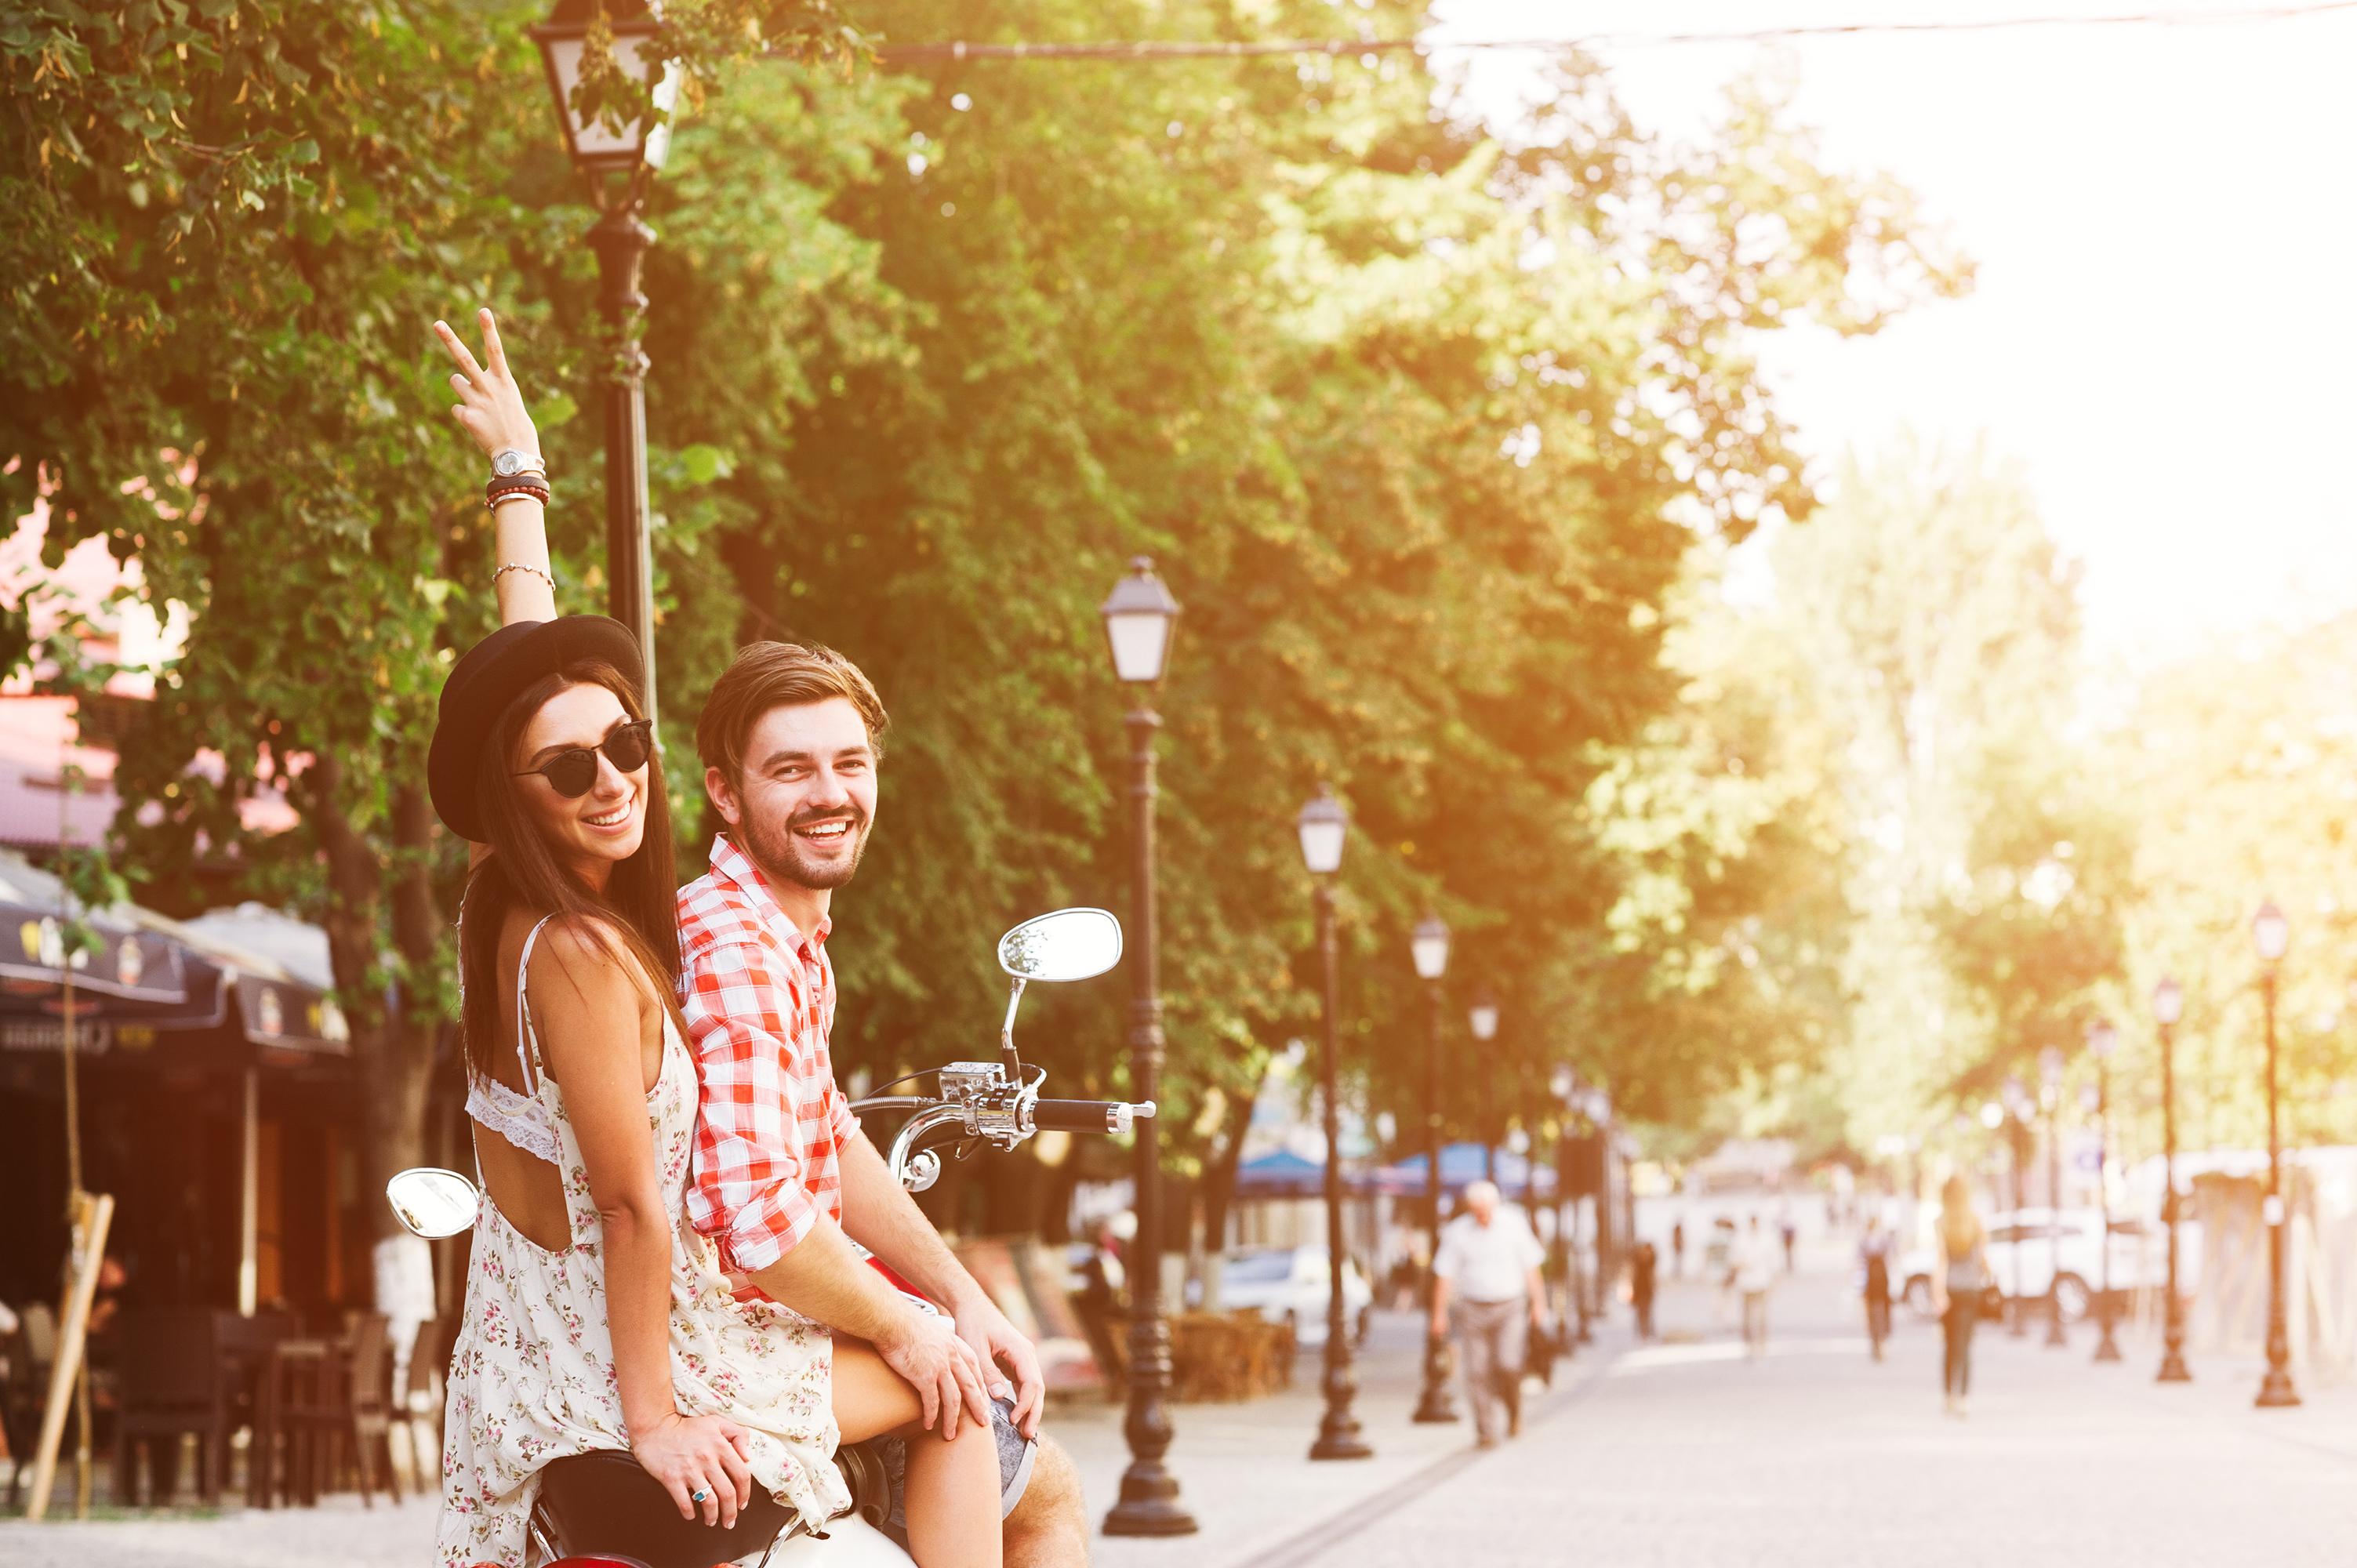 summer-travel-tips